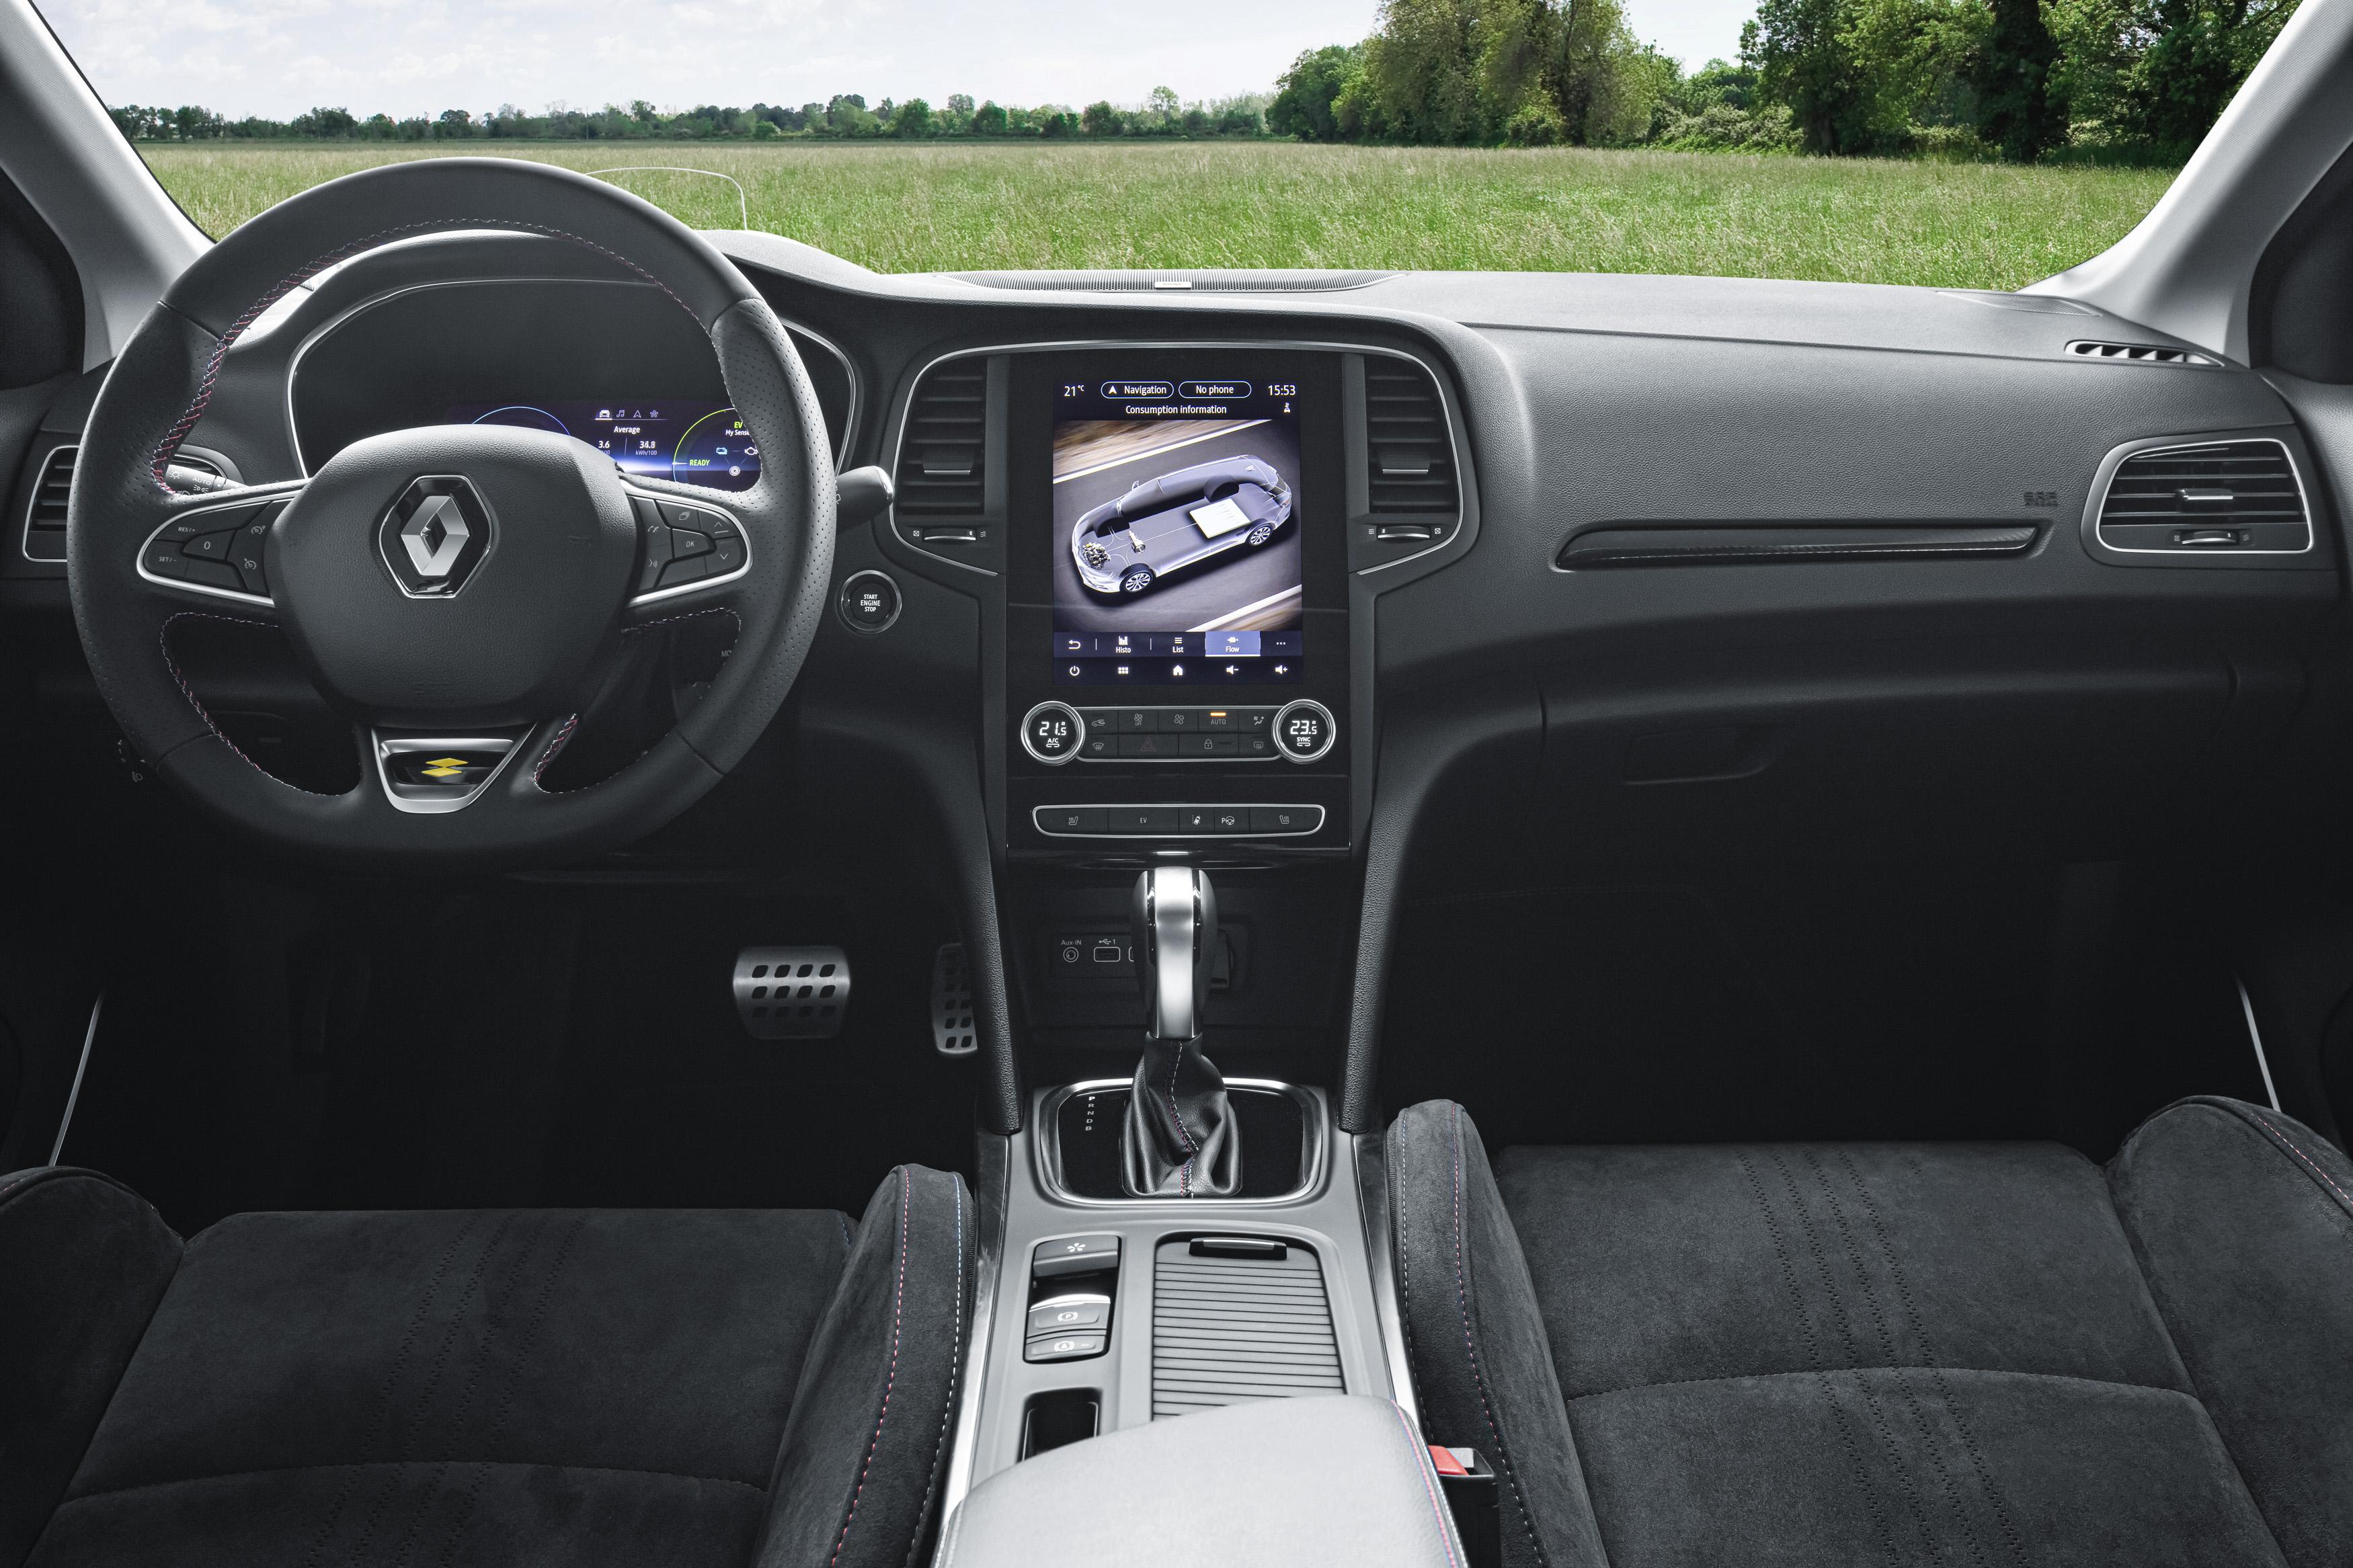 2020 - Essais Presse Nouvelle Renault MEGANE E-TECH plug-in (5)